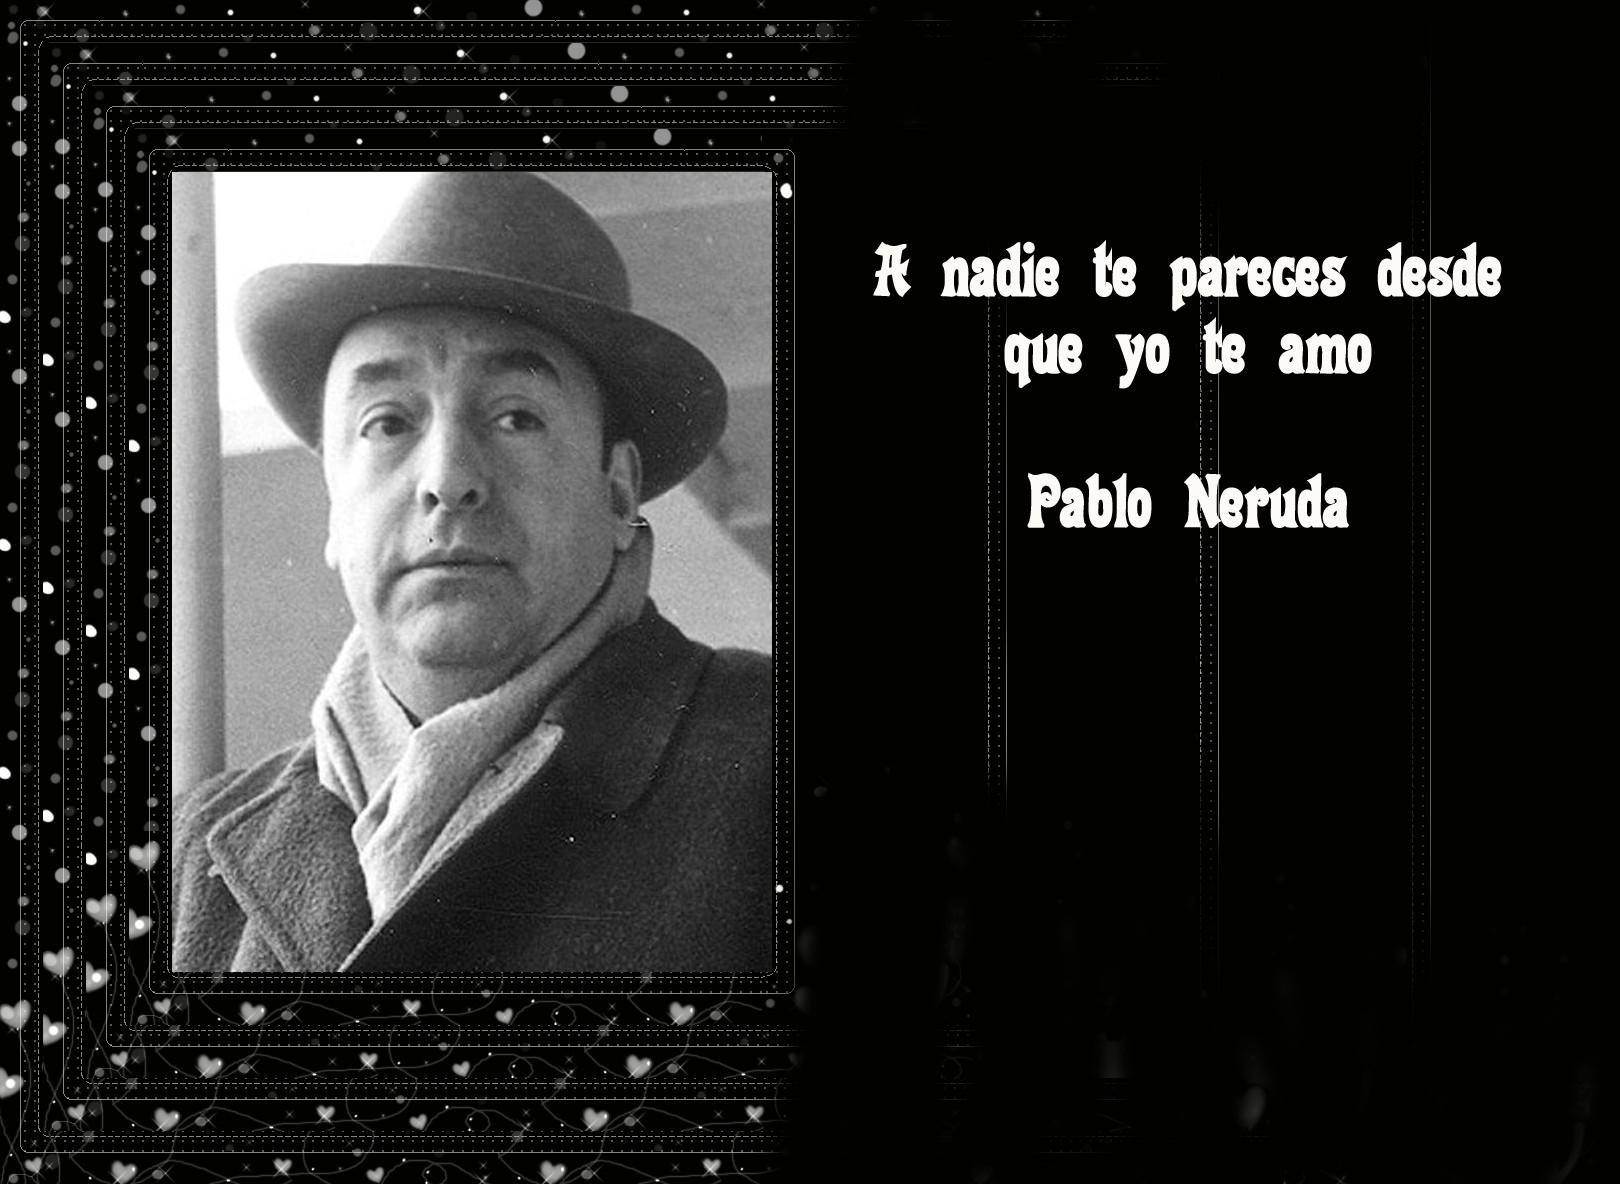 Los versos del Capitán – La reina de Pablo Neruda